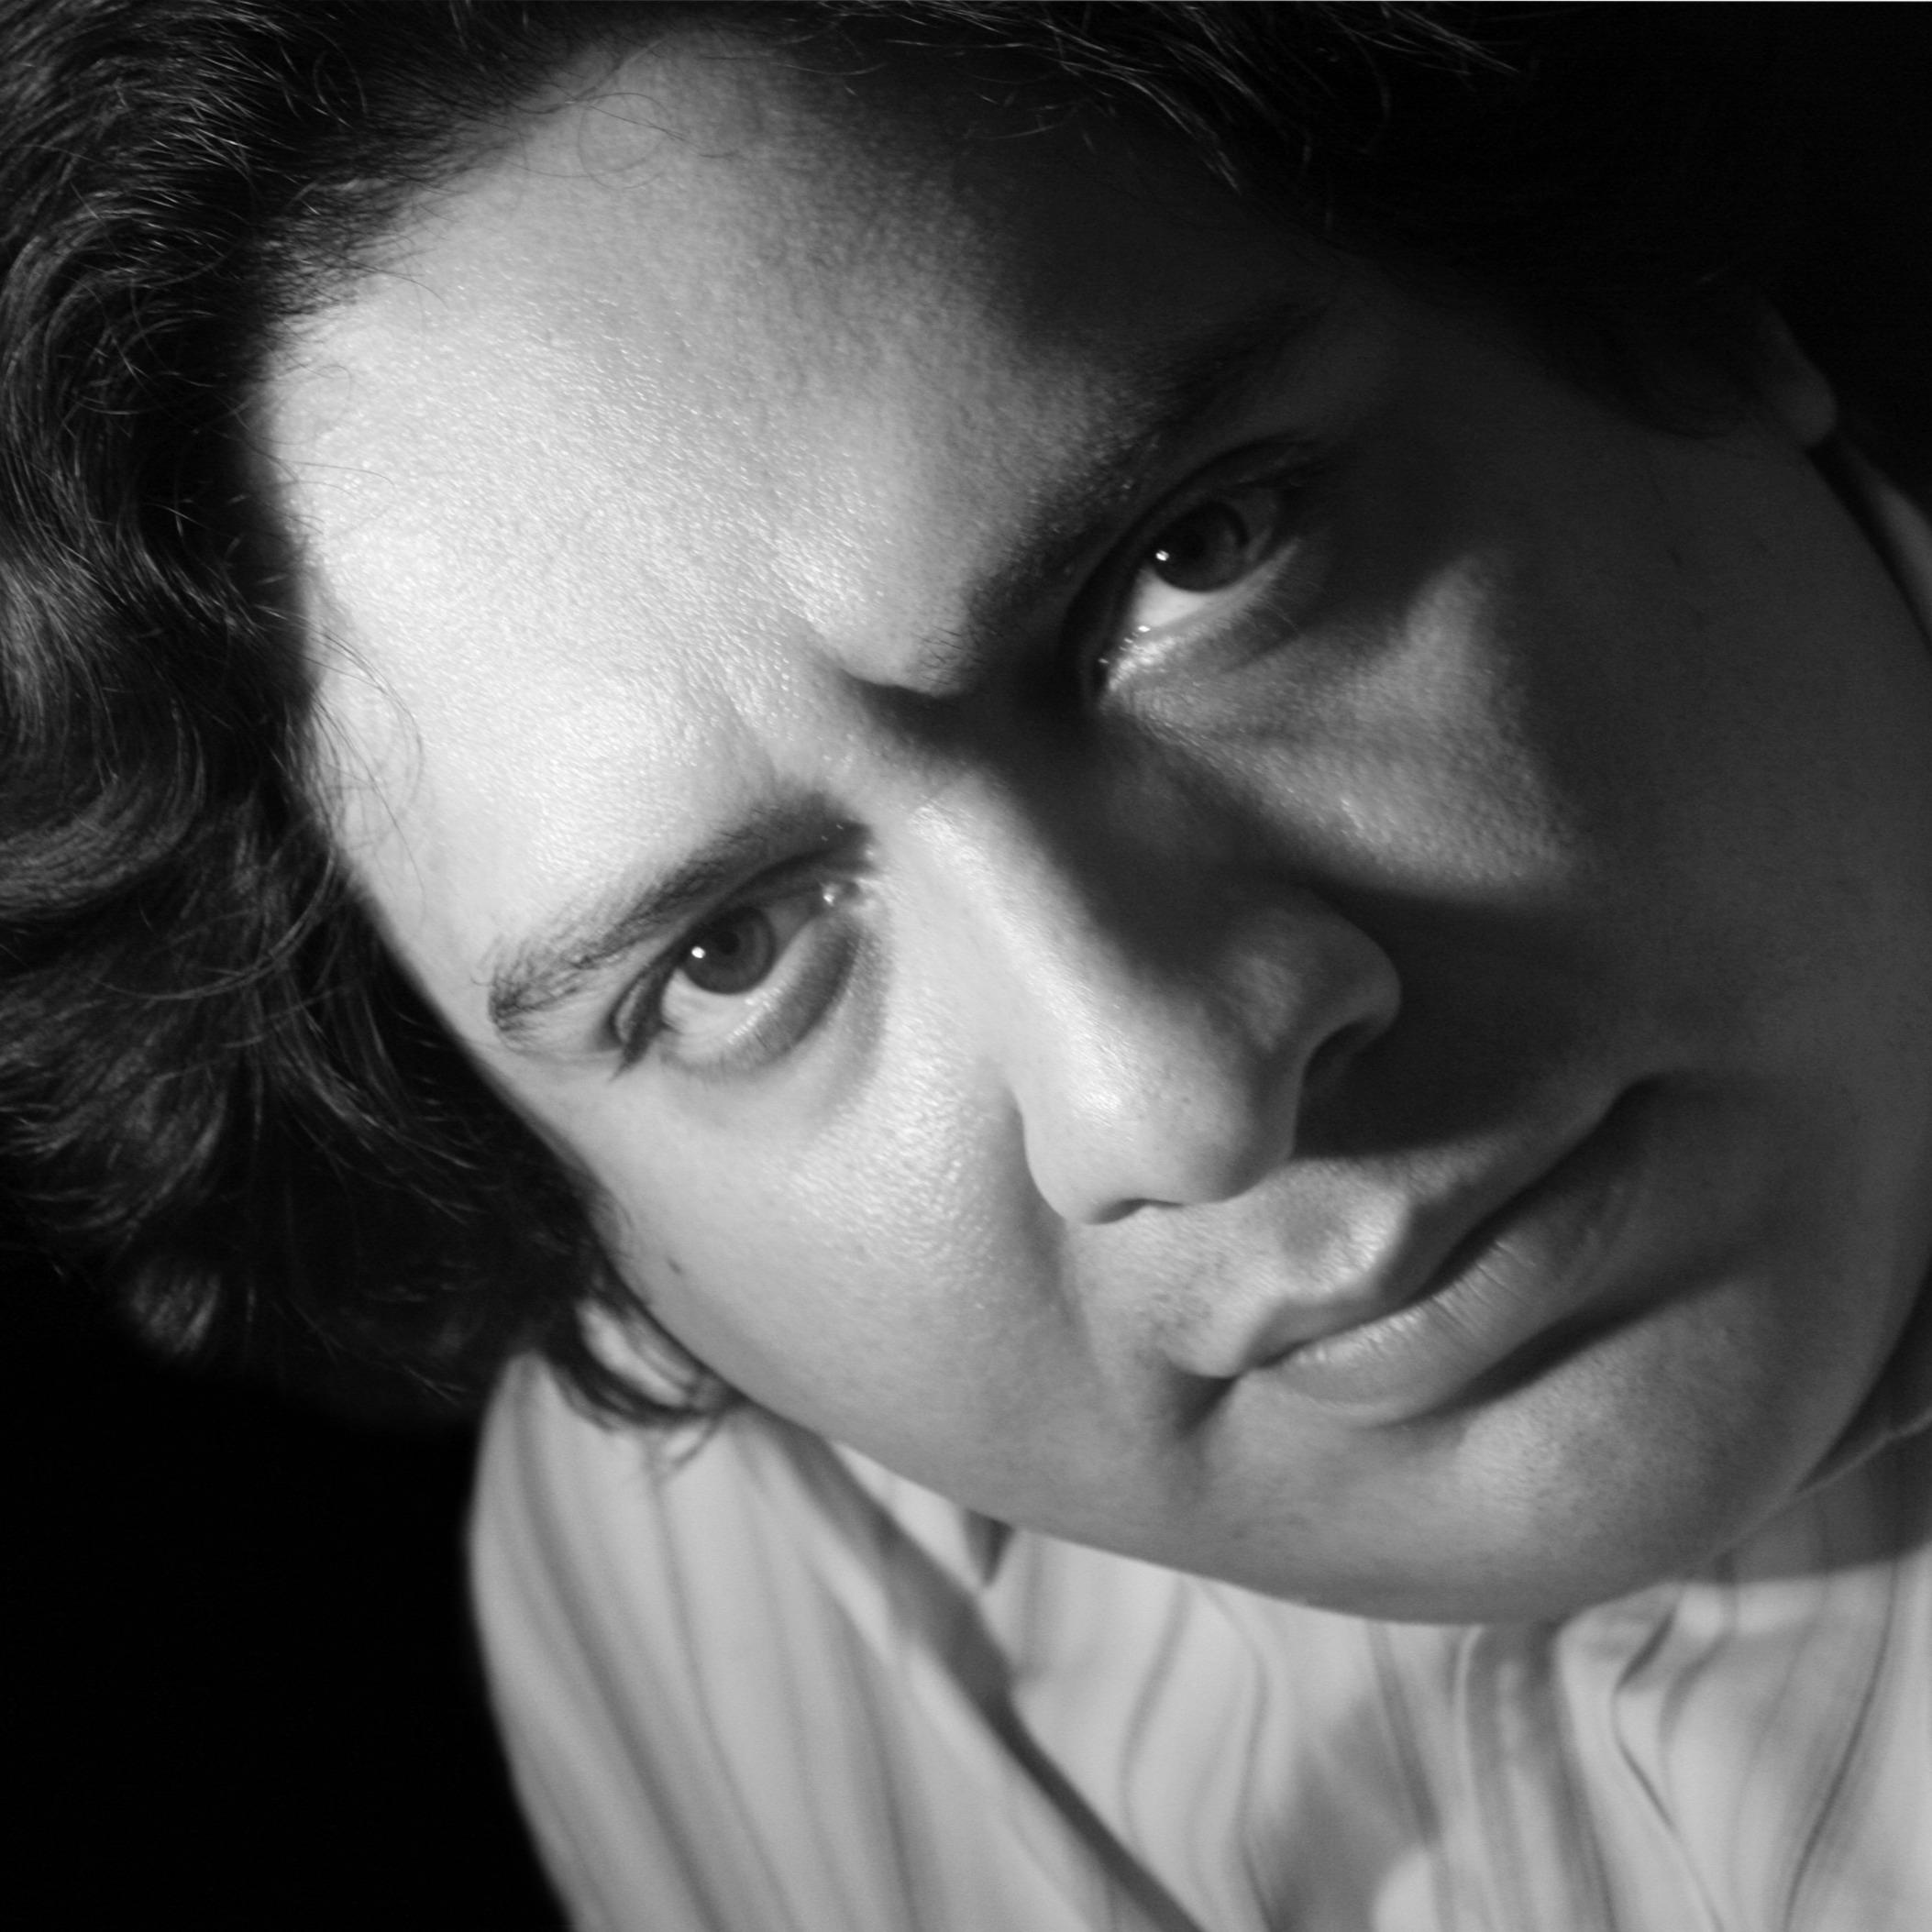 Rafael Blásquez